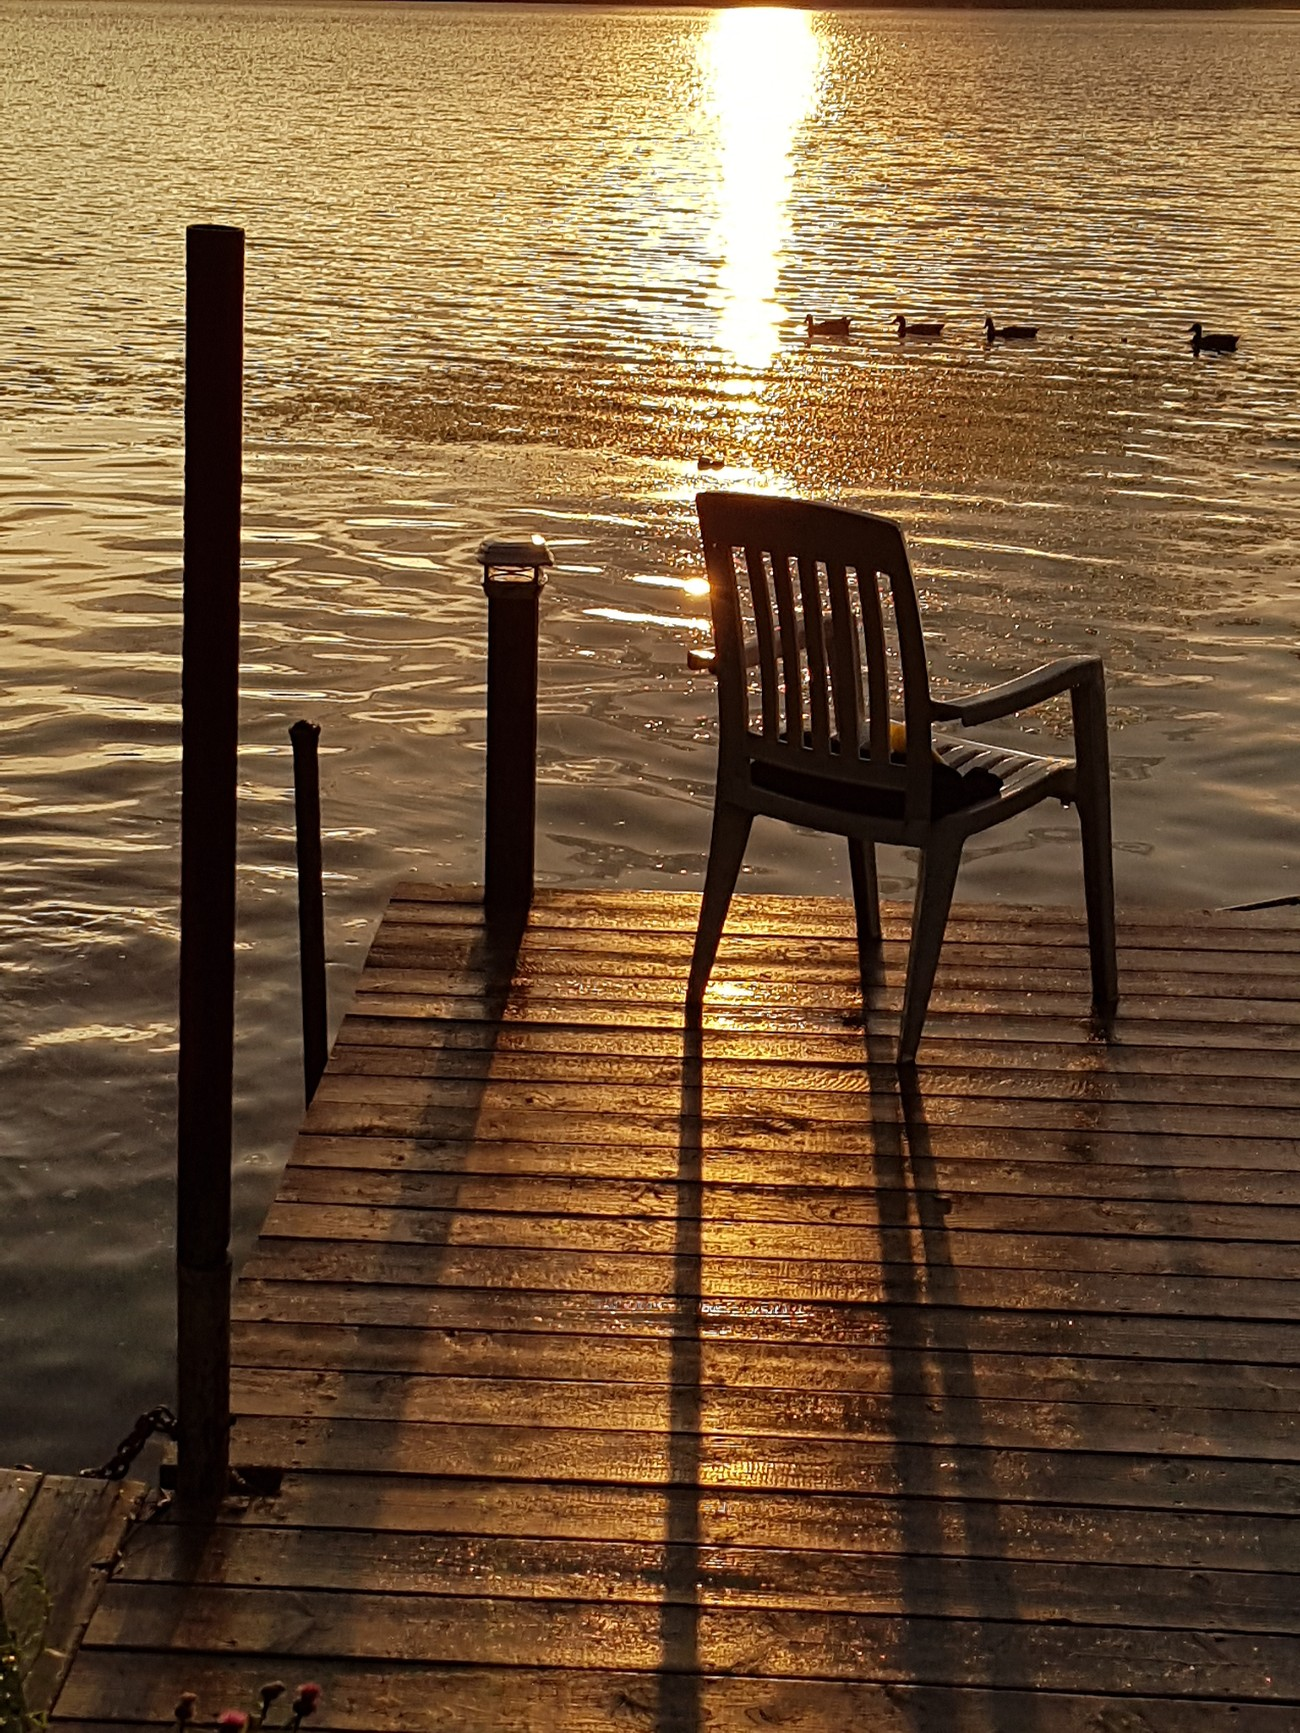 Chaise et coucher de soleil, Lac-St-Charles, Québec, Canada